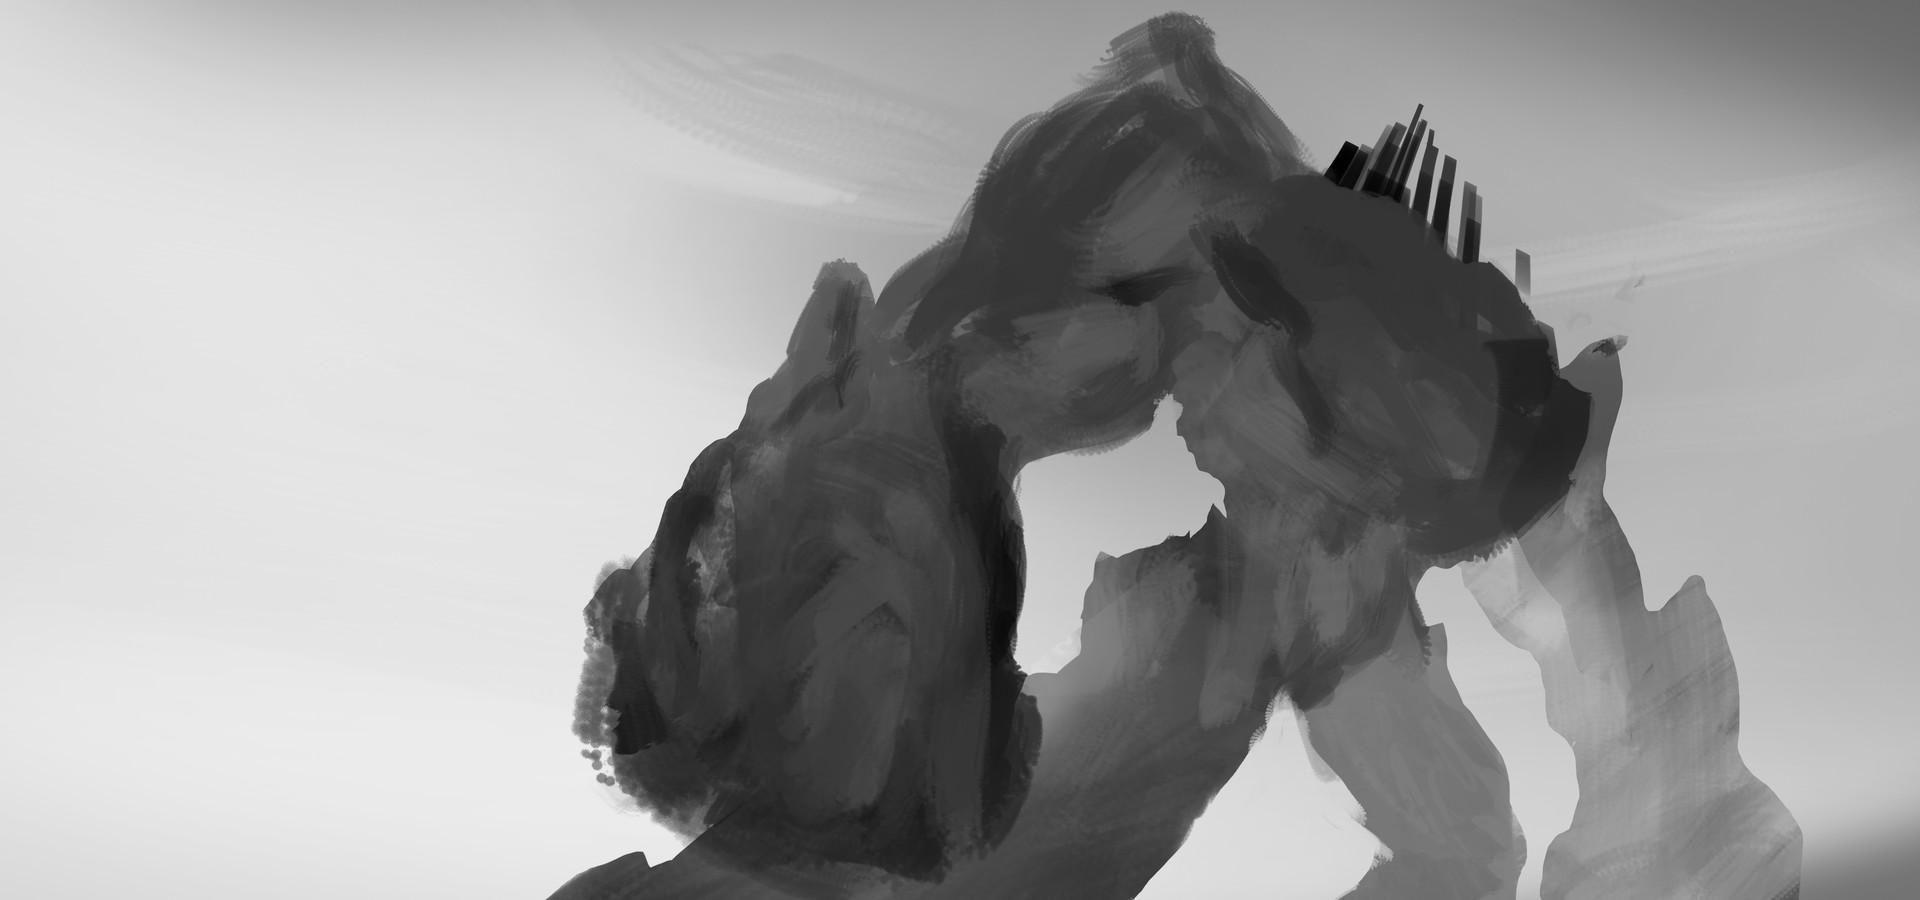 Caio santos titan dragon 3